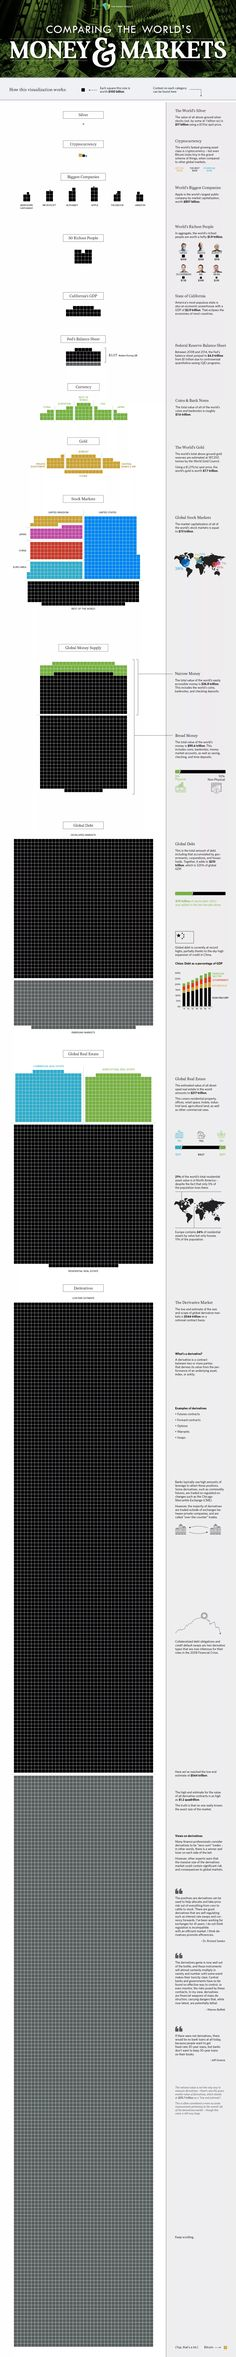 ¿Cuánto dinero hay en el mundo entero? La respuesta en un solo gráfico - elEconomista.es